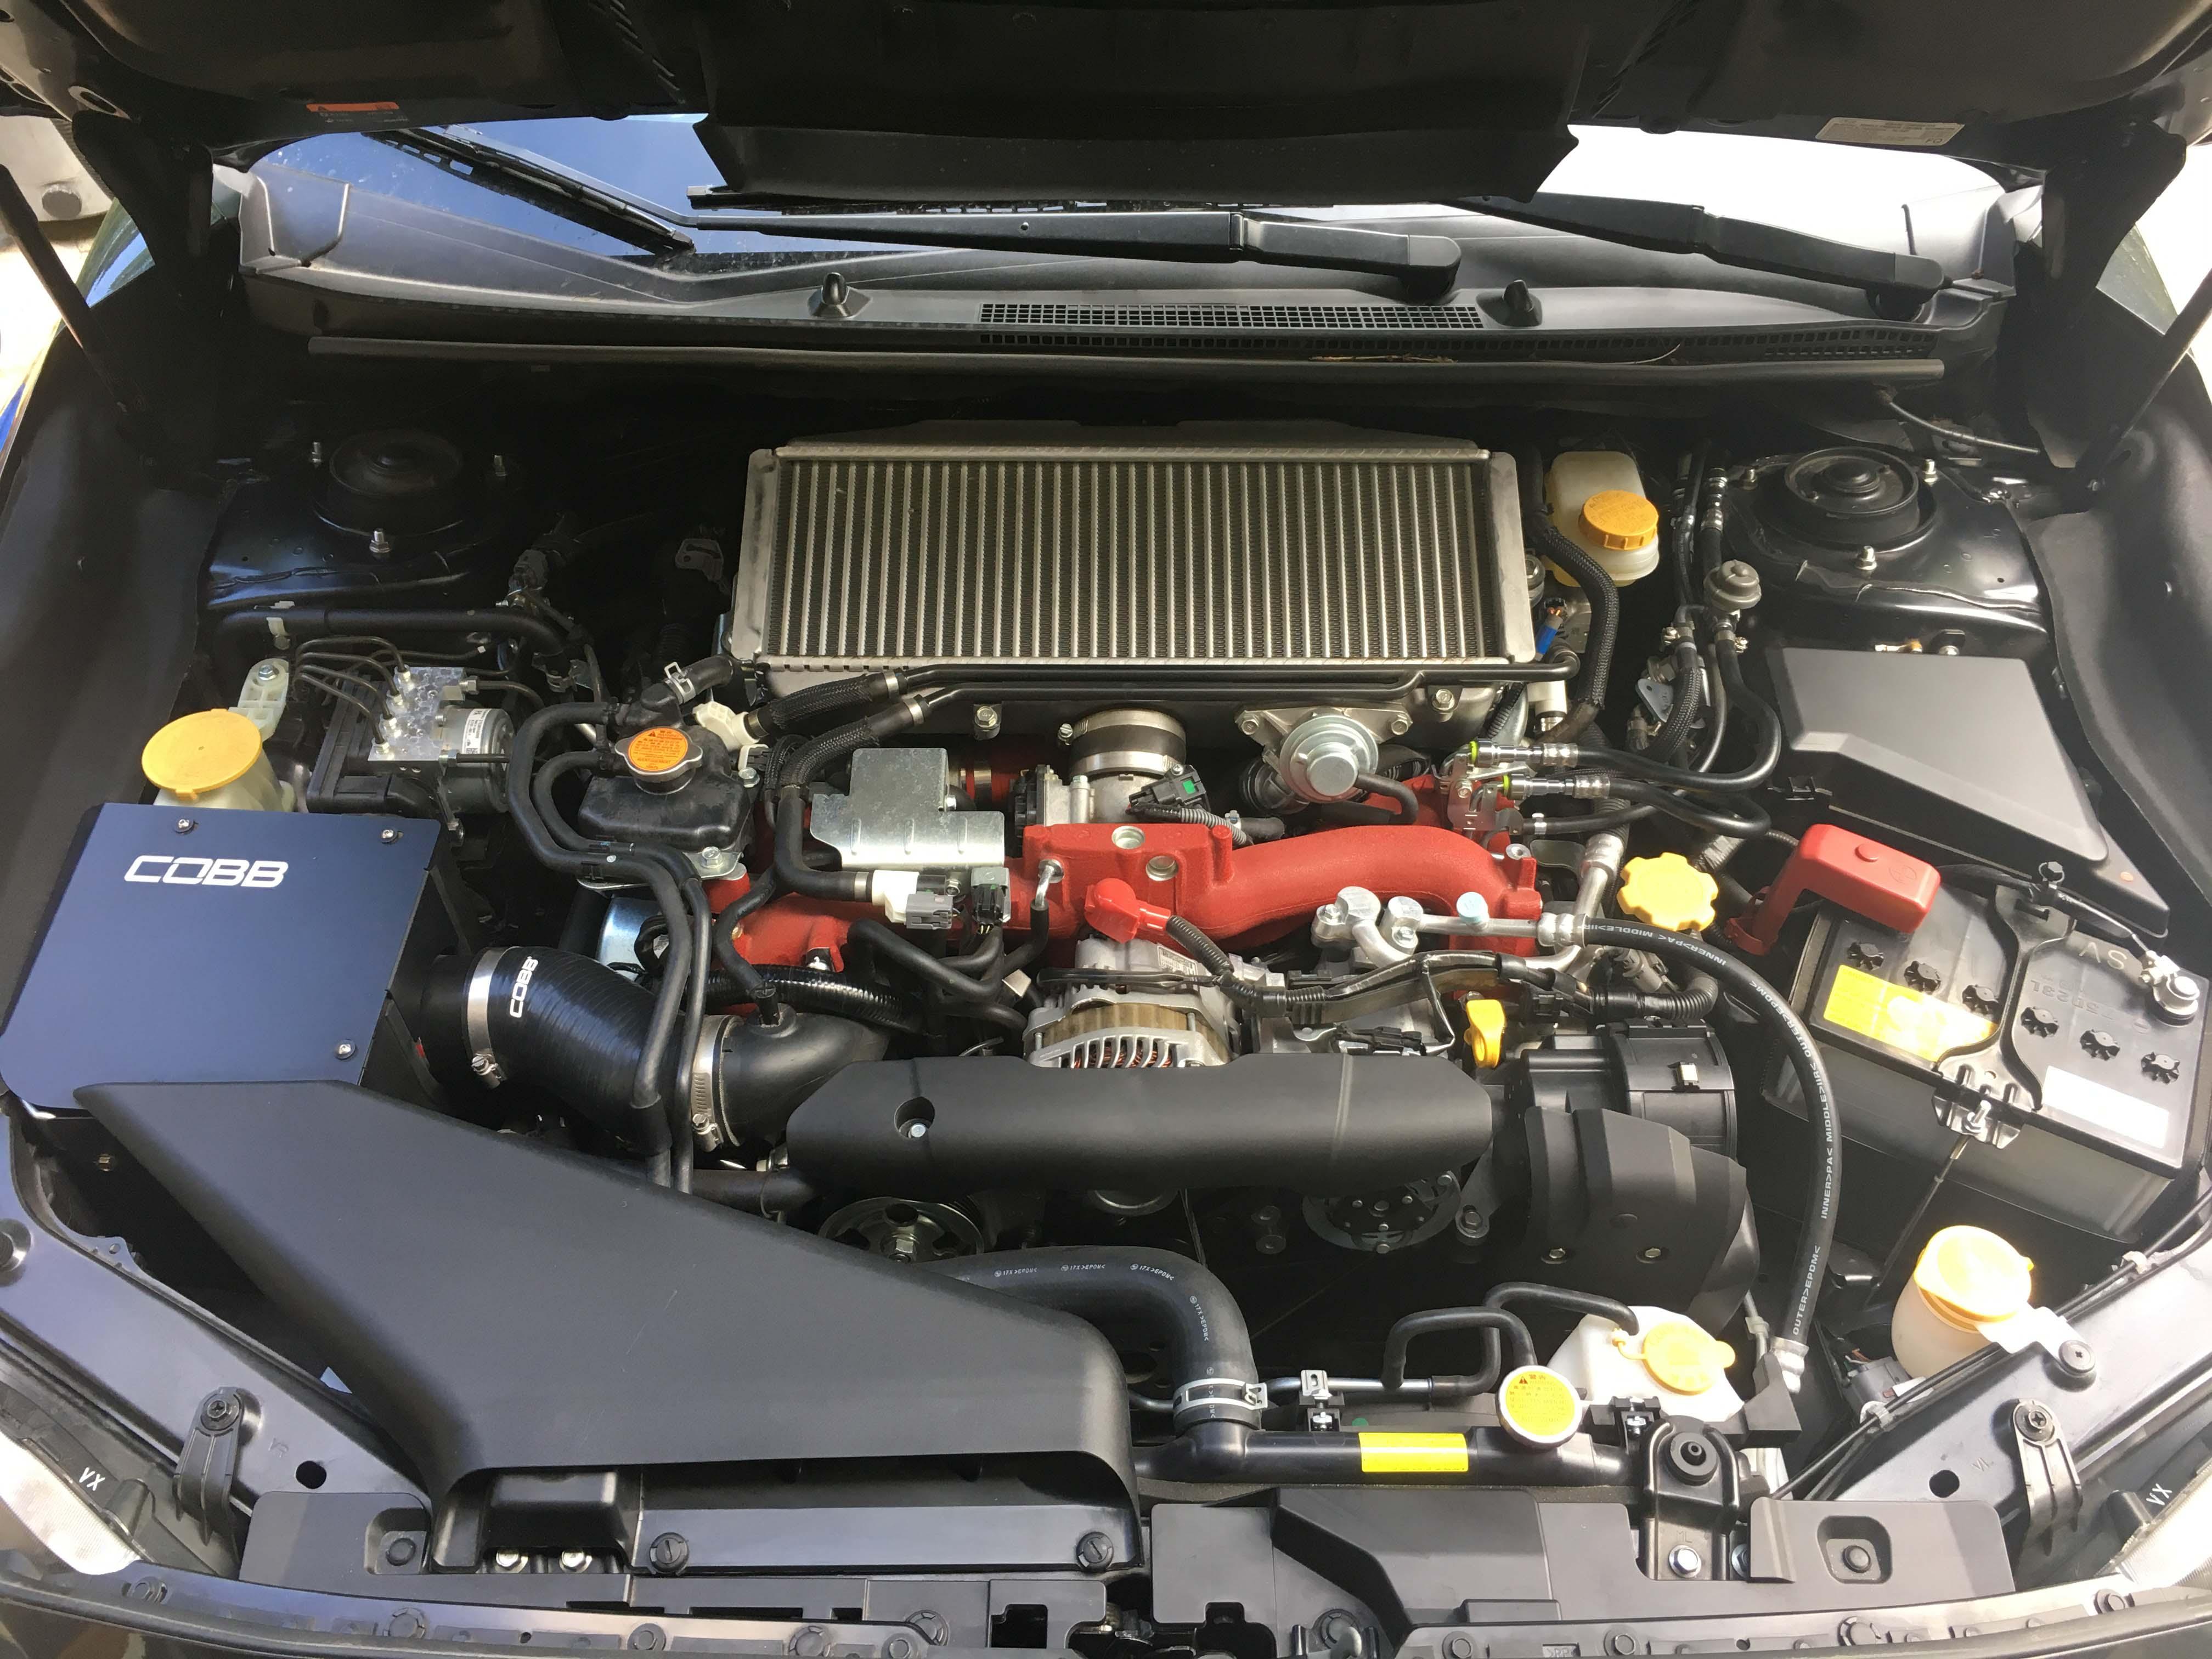 2018 STI Limited (5,500 miles)-sti-engine-jpg